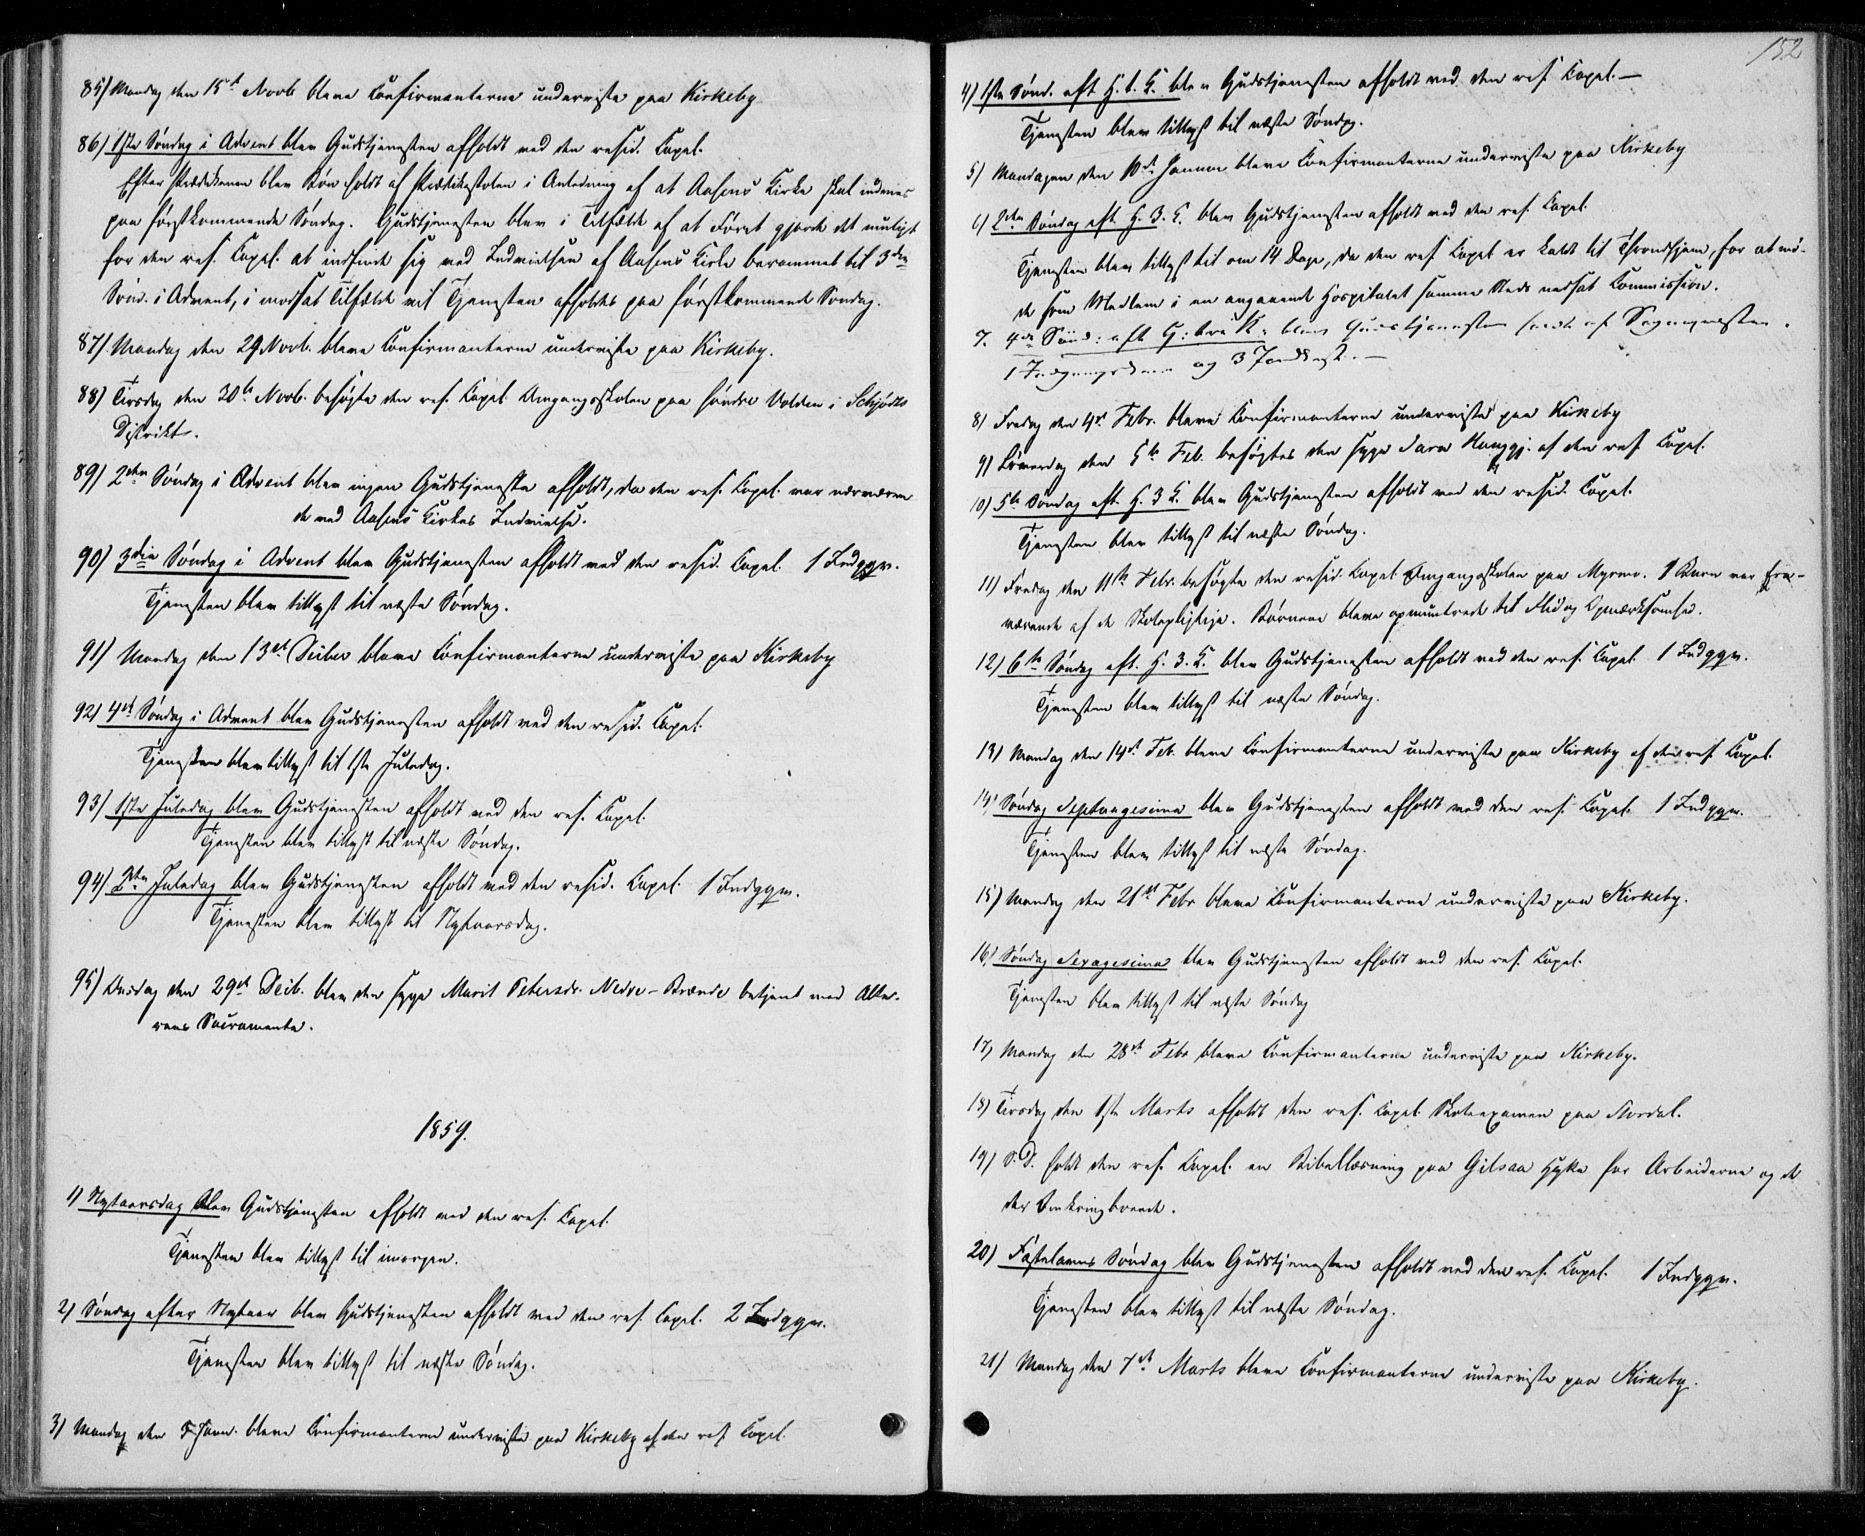 SAT, Ministerialprotokoller, klokkerbøker og fødselsregistre - Nord-Trøndelag, 706/L0040: Ministerialbok nr. 706A01, 1850-1861, s. 152